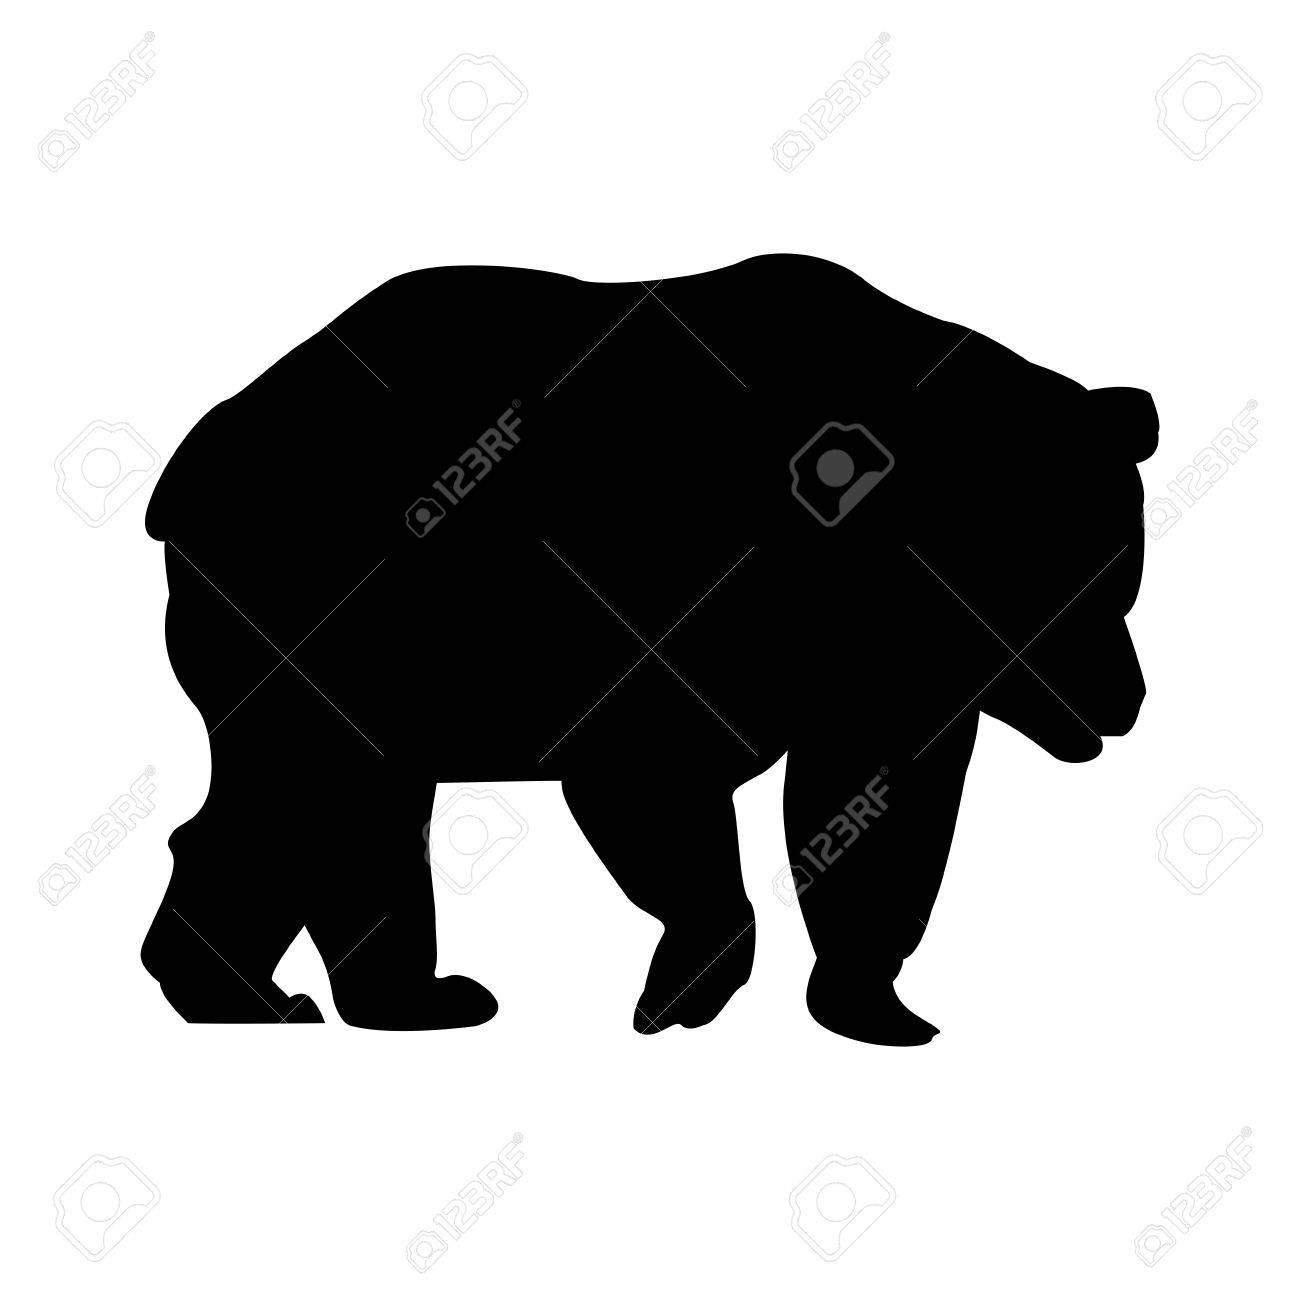 シルエット熊動物森林野生生物画像ベクトル イラスト。 ロイヤリティ